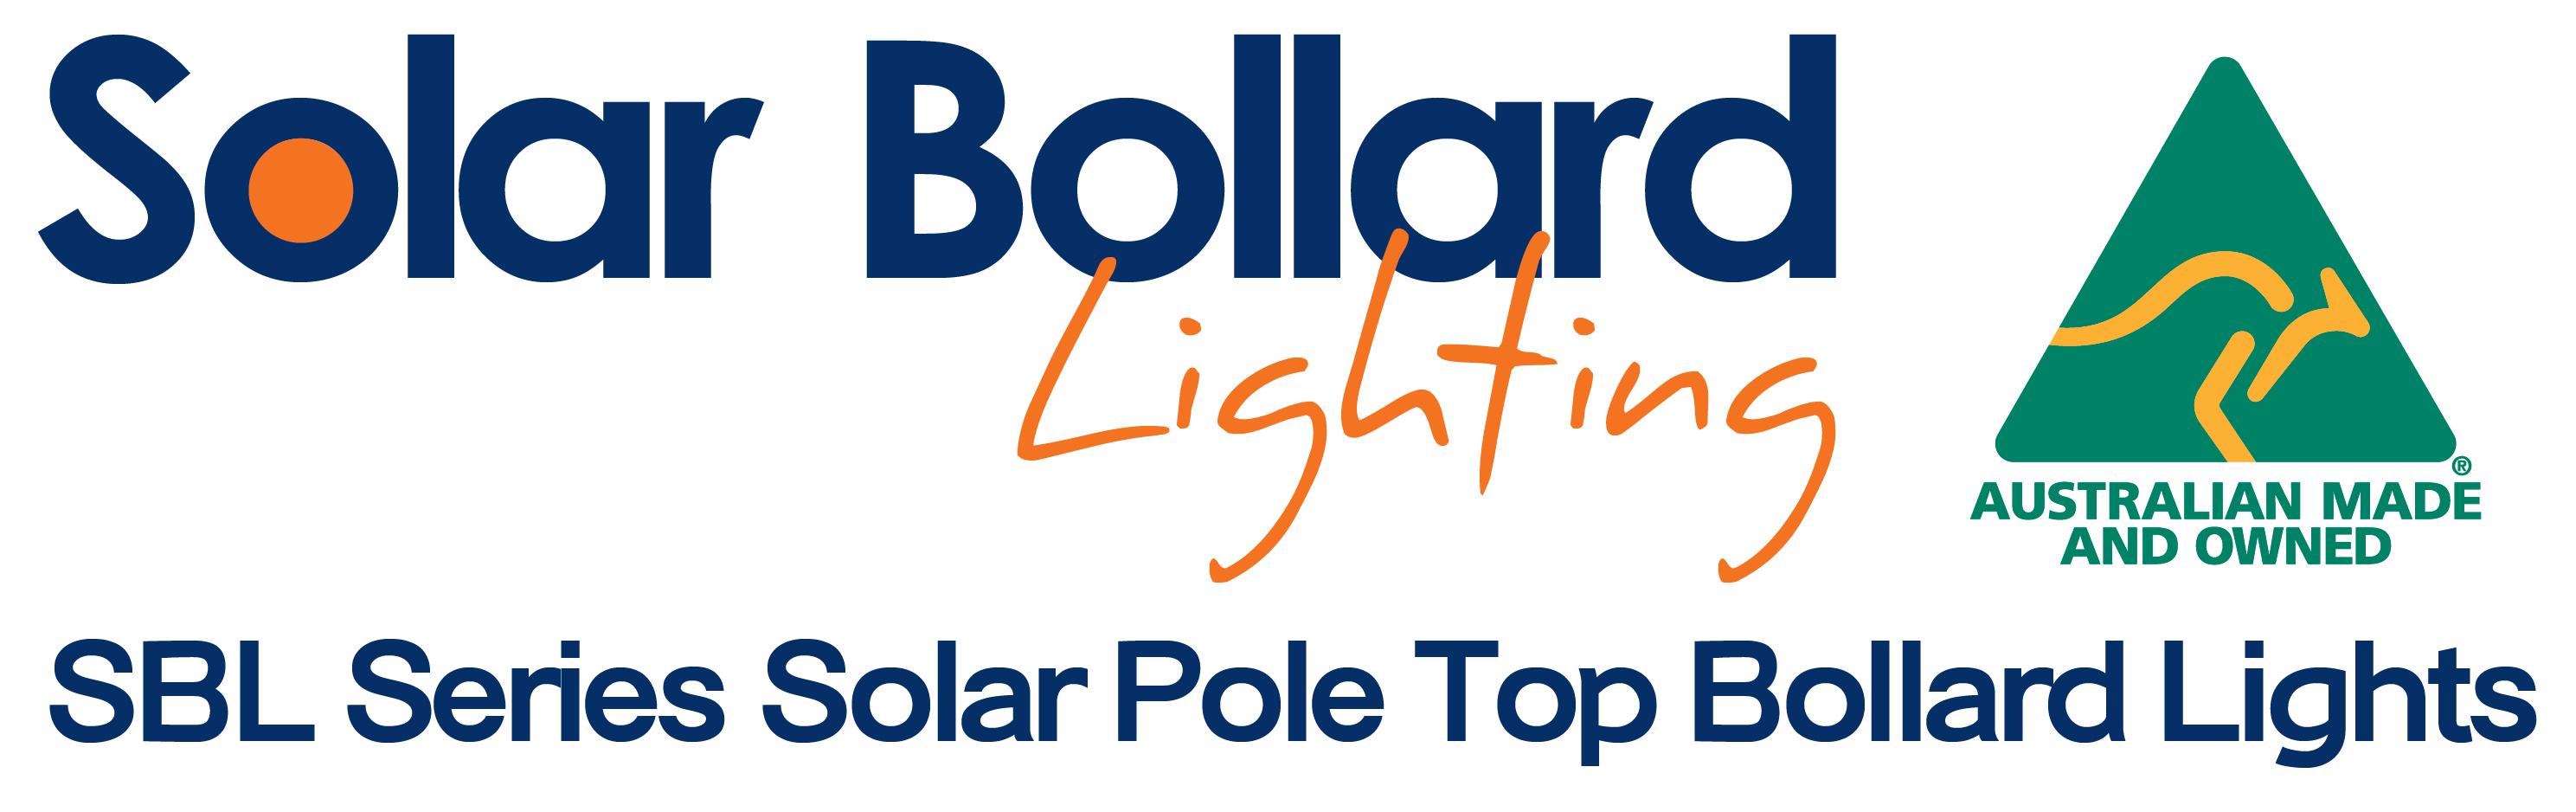 Solar bollard lighting